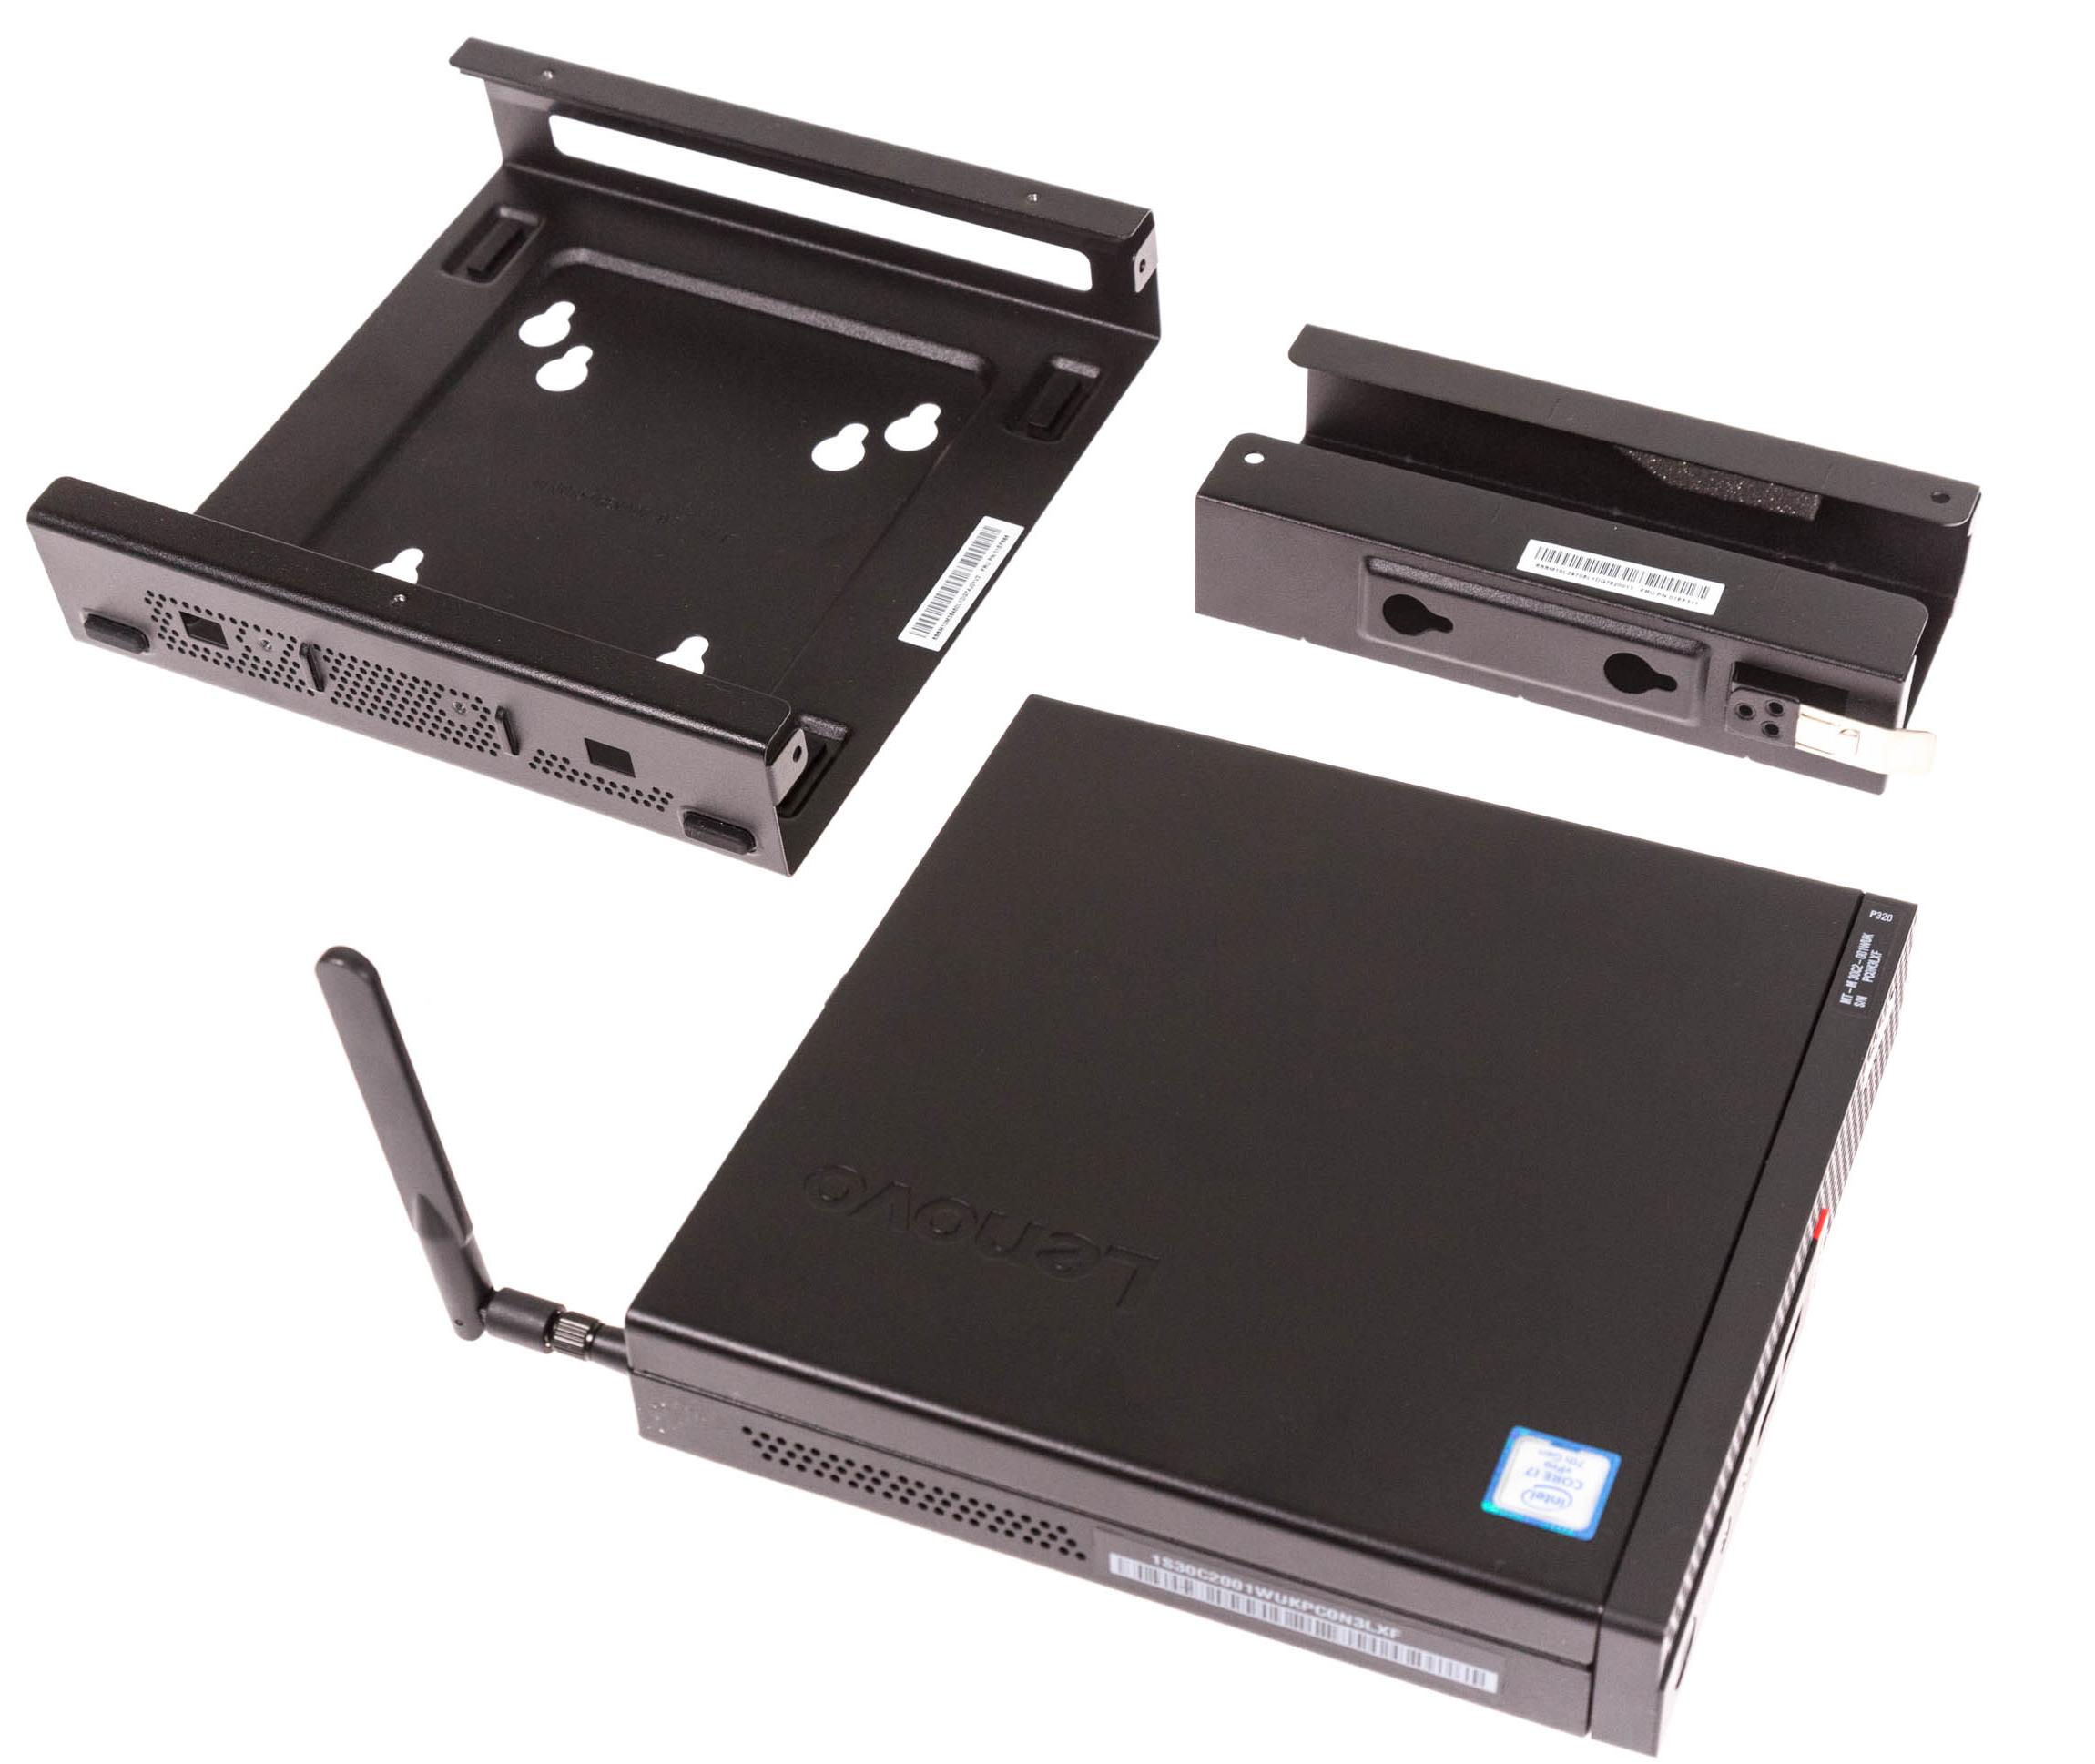 Lenovo Thinkstation P320 Tiny im Test: Viel Leistung in der Zigarrenschachtel - Die zwei VESA-Halterungen dienen der Befestigung des PCs und dessen Netzteil. (Bild: Martin Wolf/Golem.de)